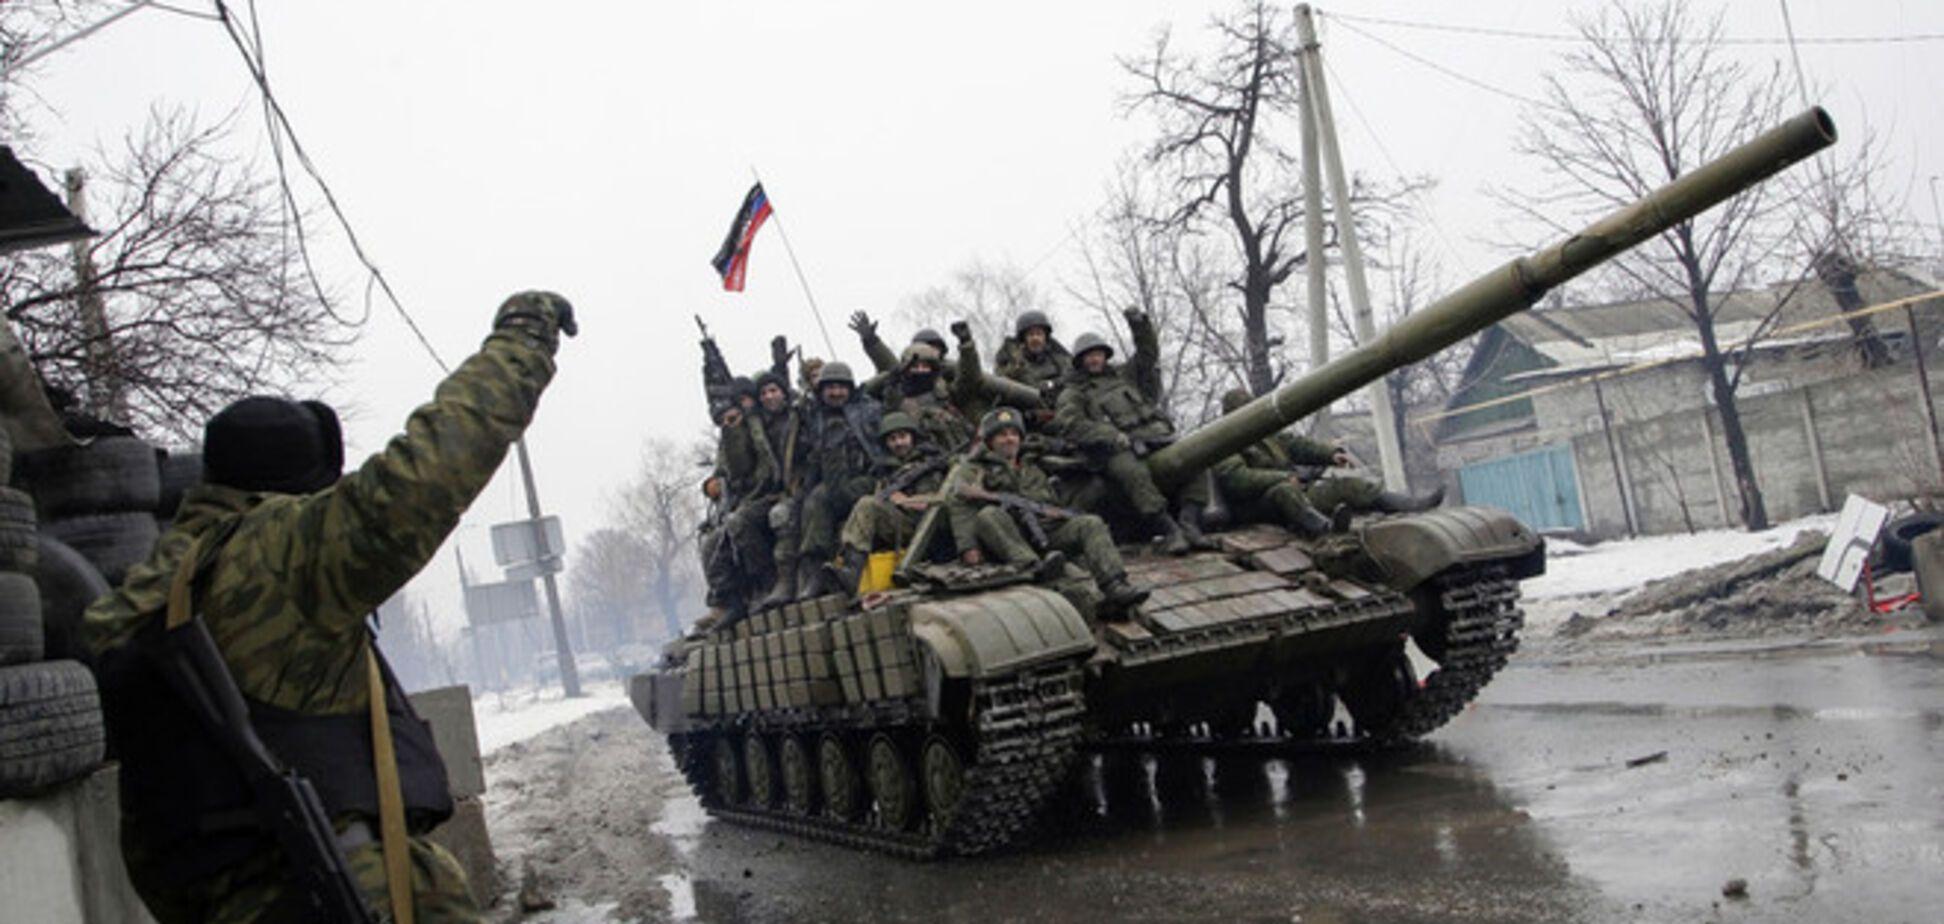 Боевики готовят новые 'котлы', чтобы оставить Украину фактически без армии - волонтер